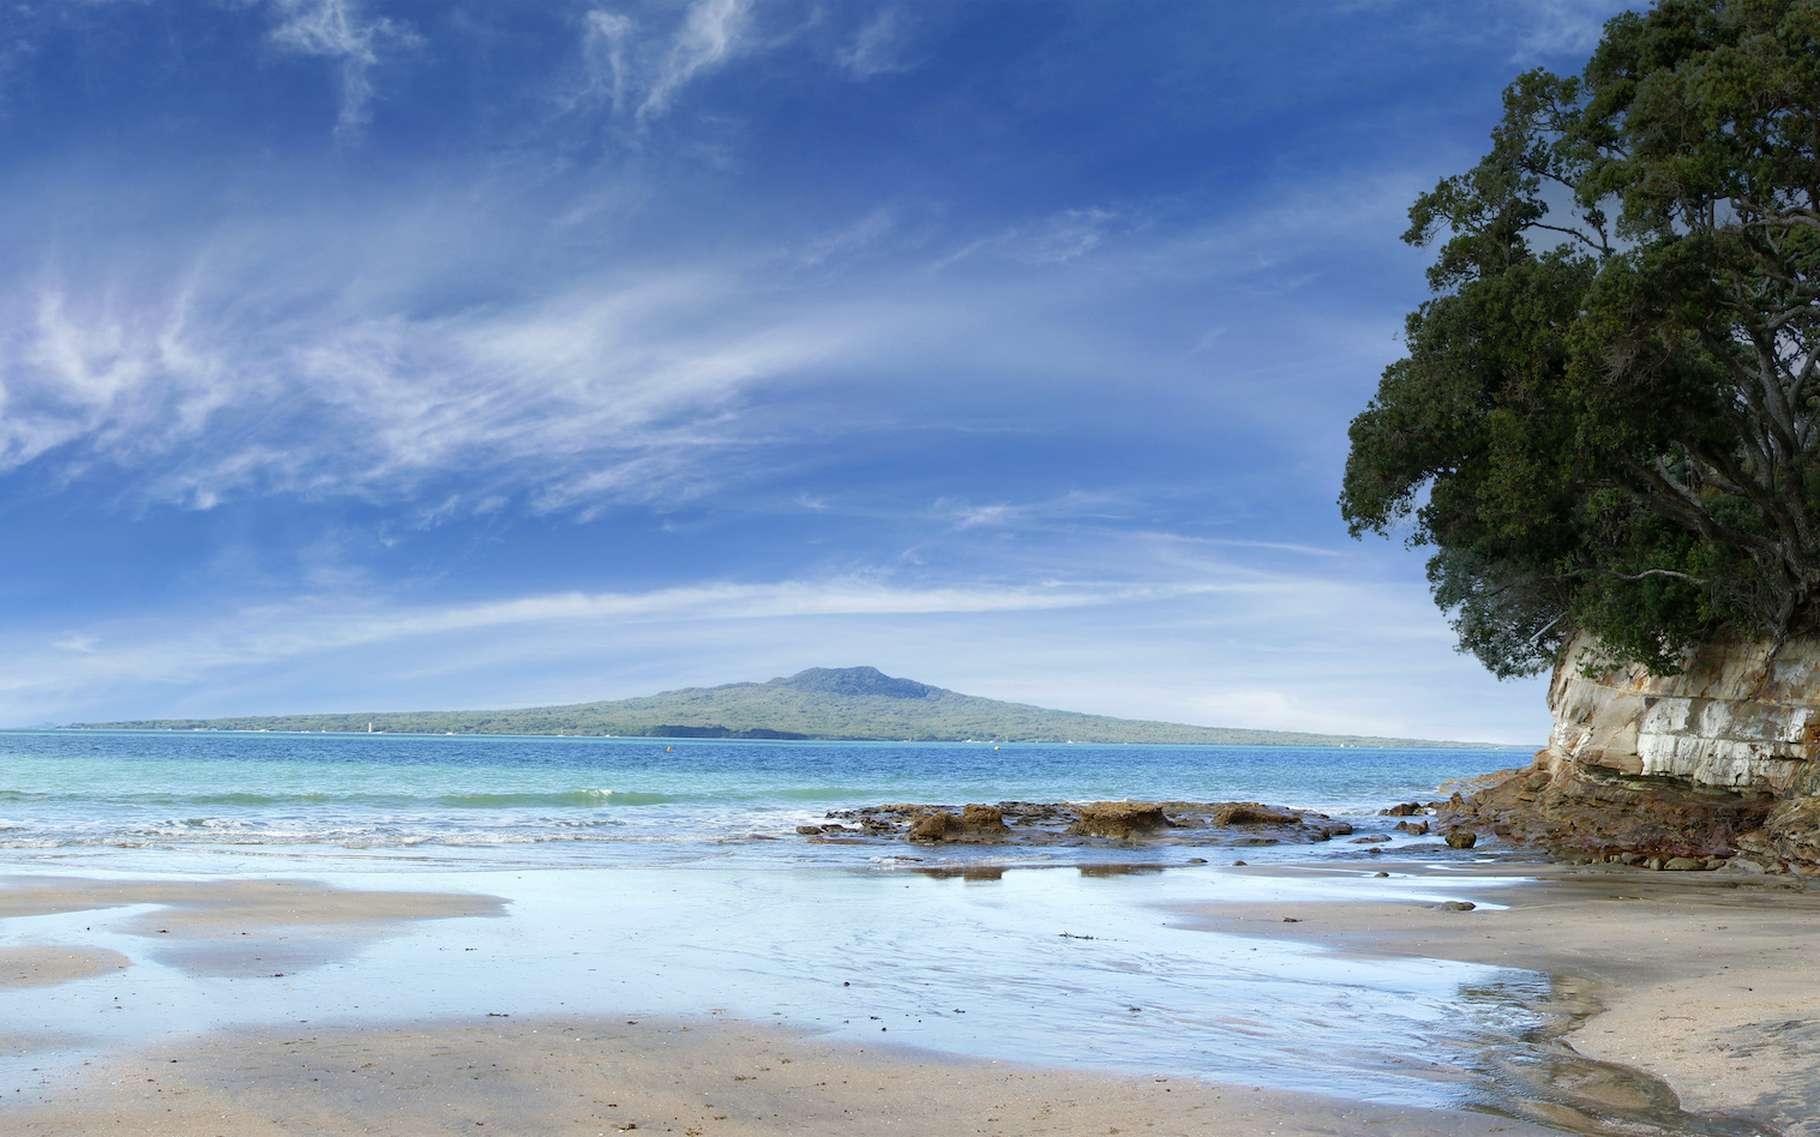 La Nouvelle-Zélande et la Nouvelle-Calédonie sont les seules terres de surface du continent Zealandia. © Stillfx, Adobe Stock